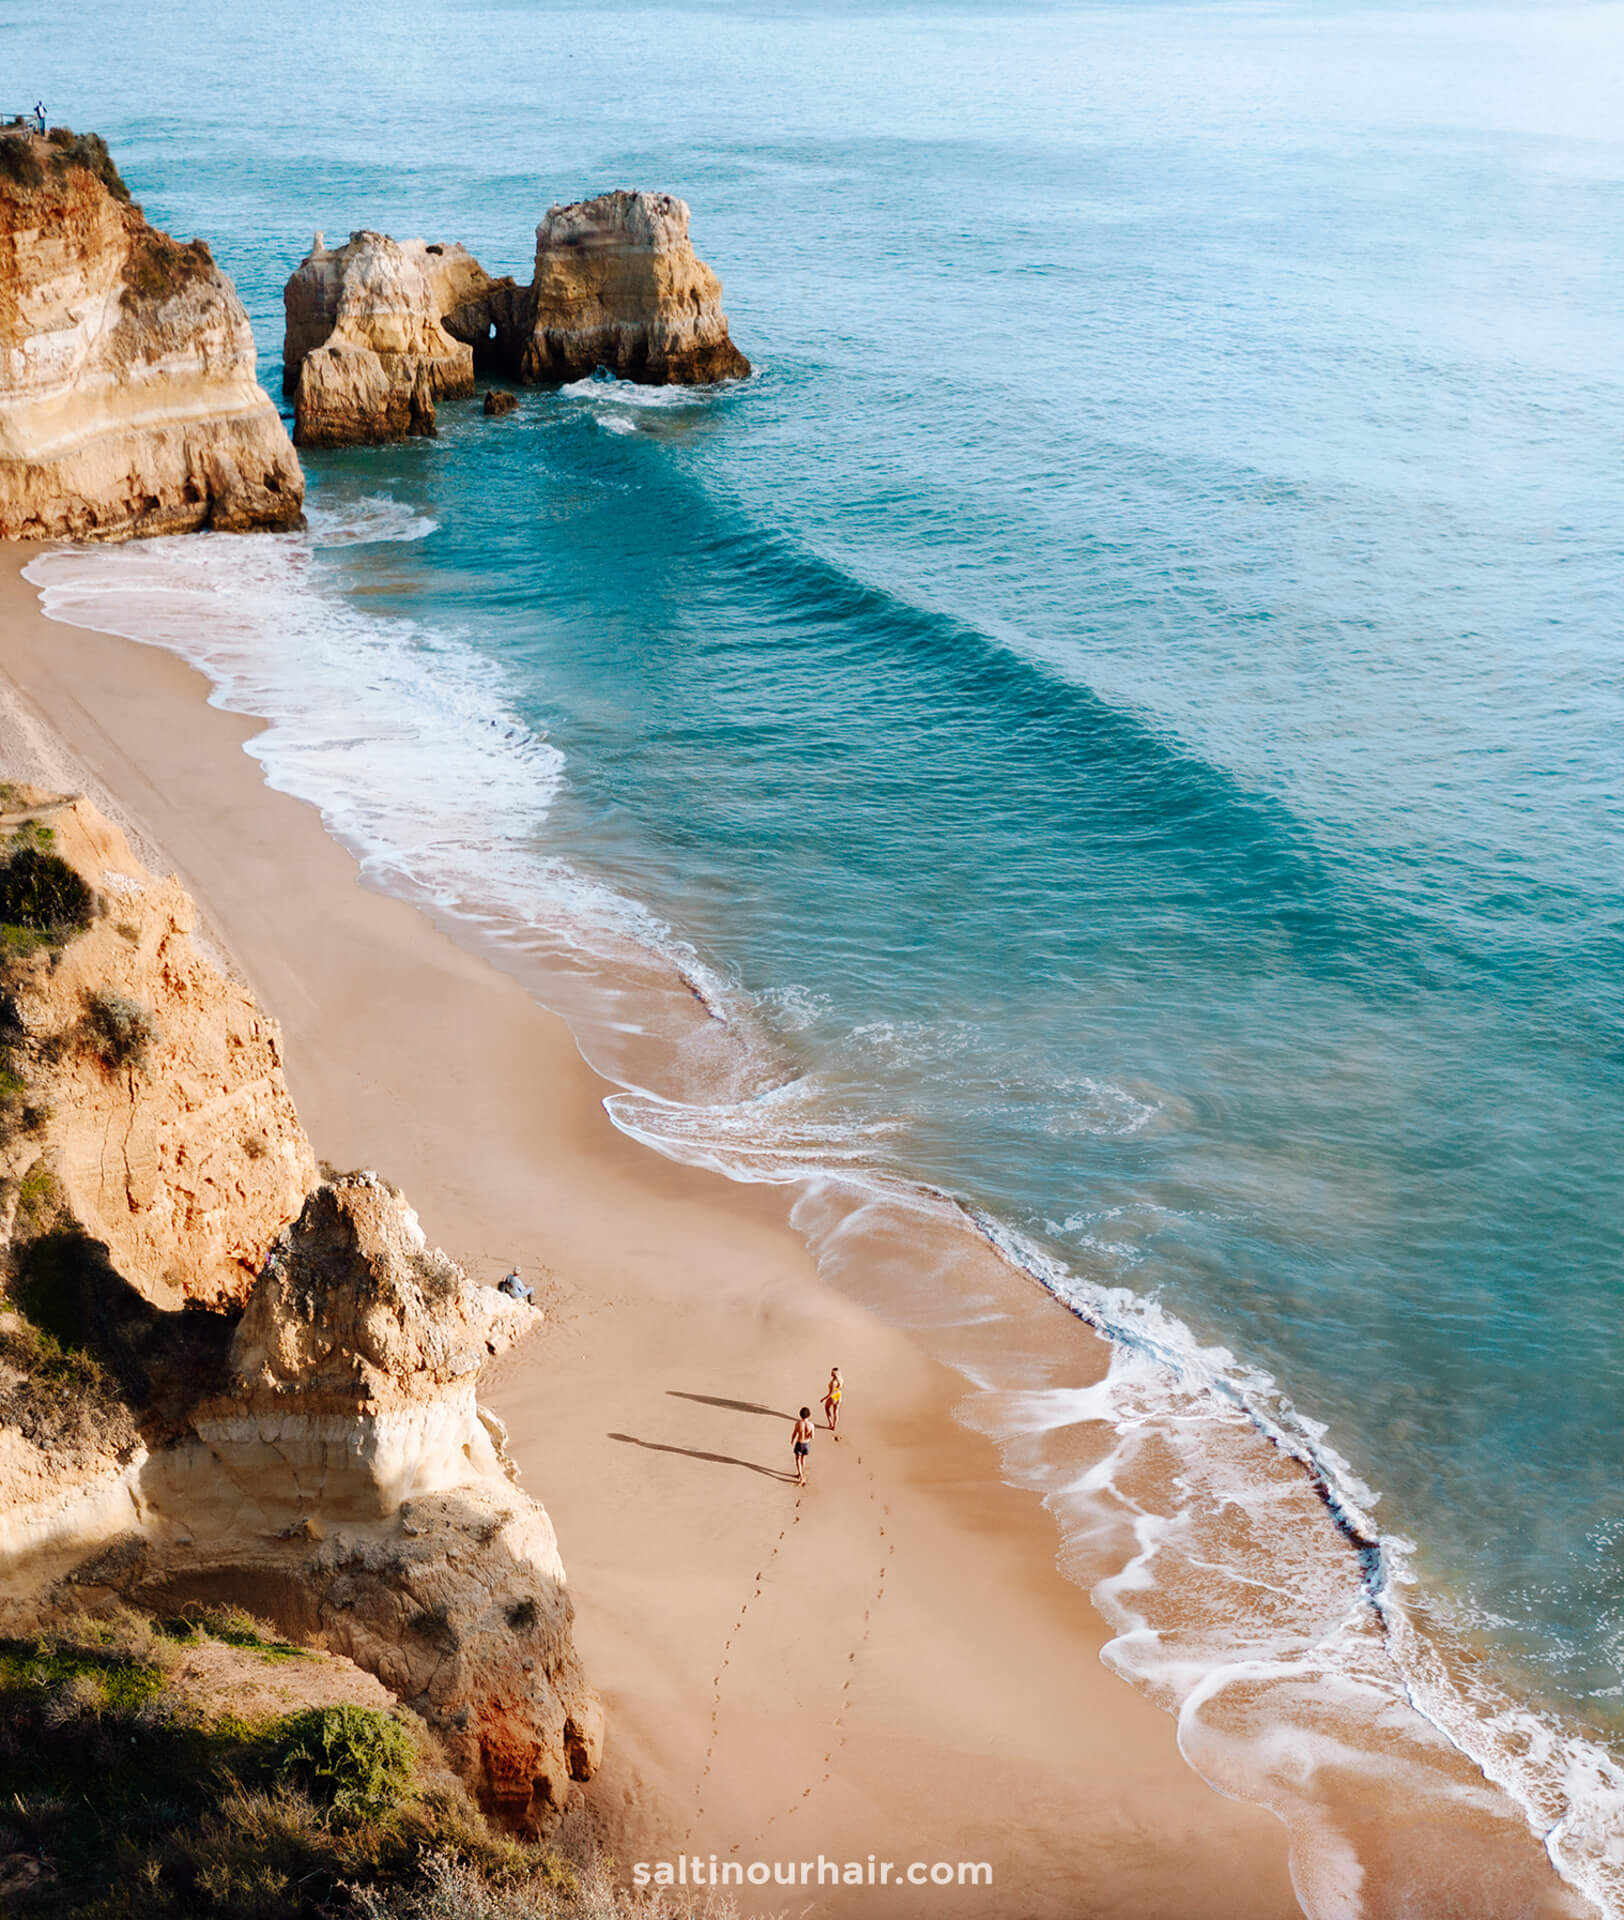 portugal travel beaches